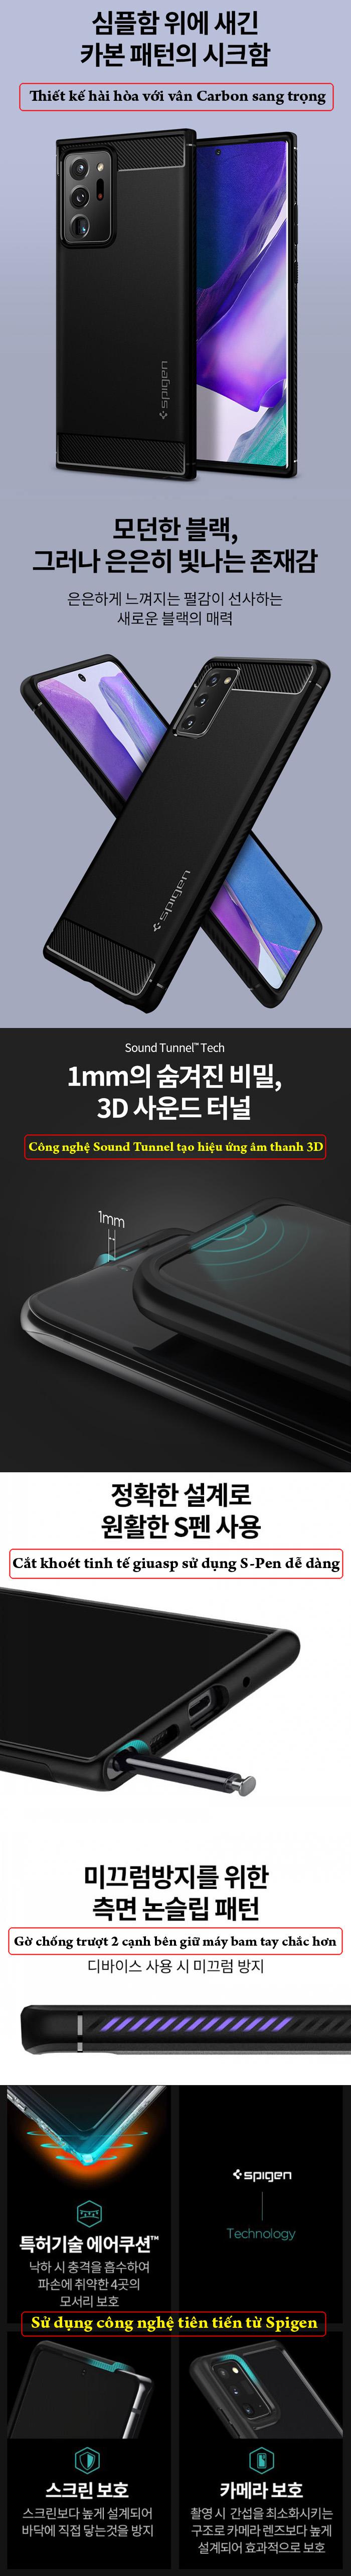 Ốp lưng Galaxy Note 20 Ultra / 5G Spigen Rugged Armor ( Hàng Mỹ ) 7